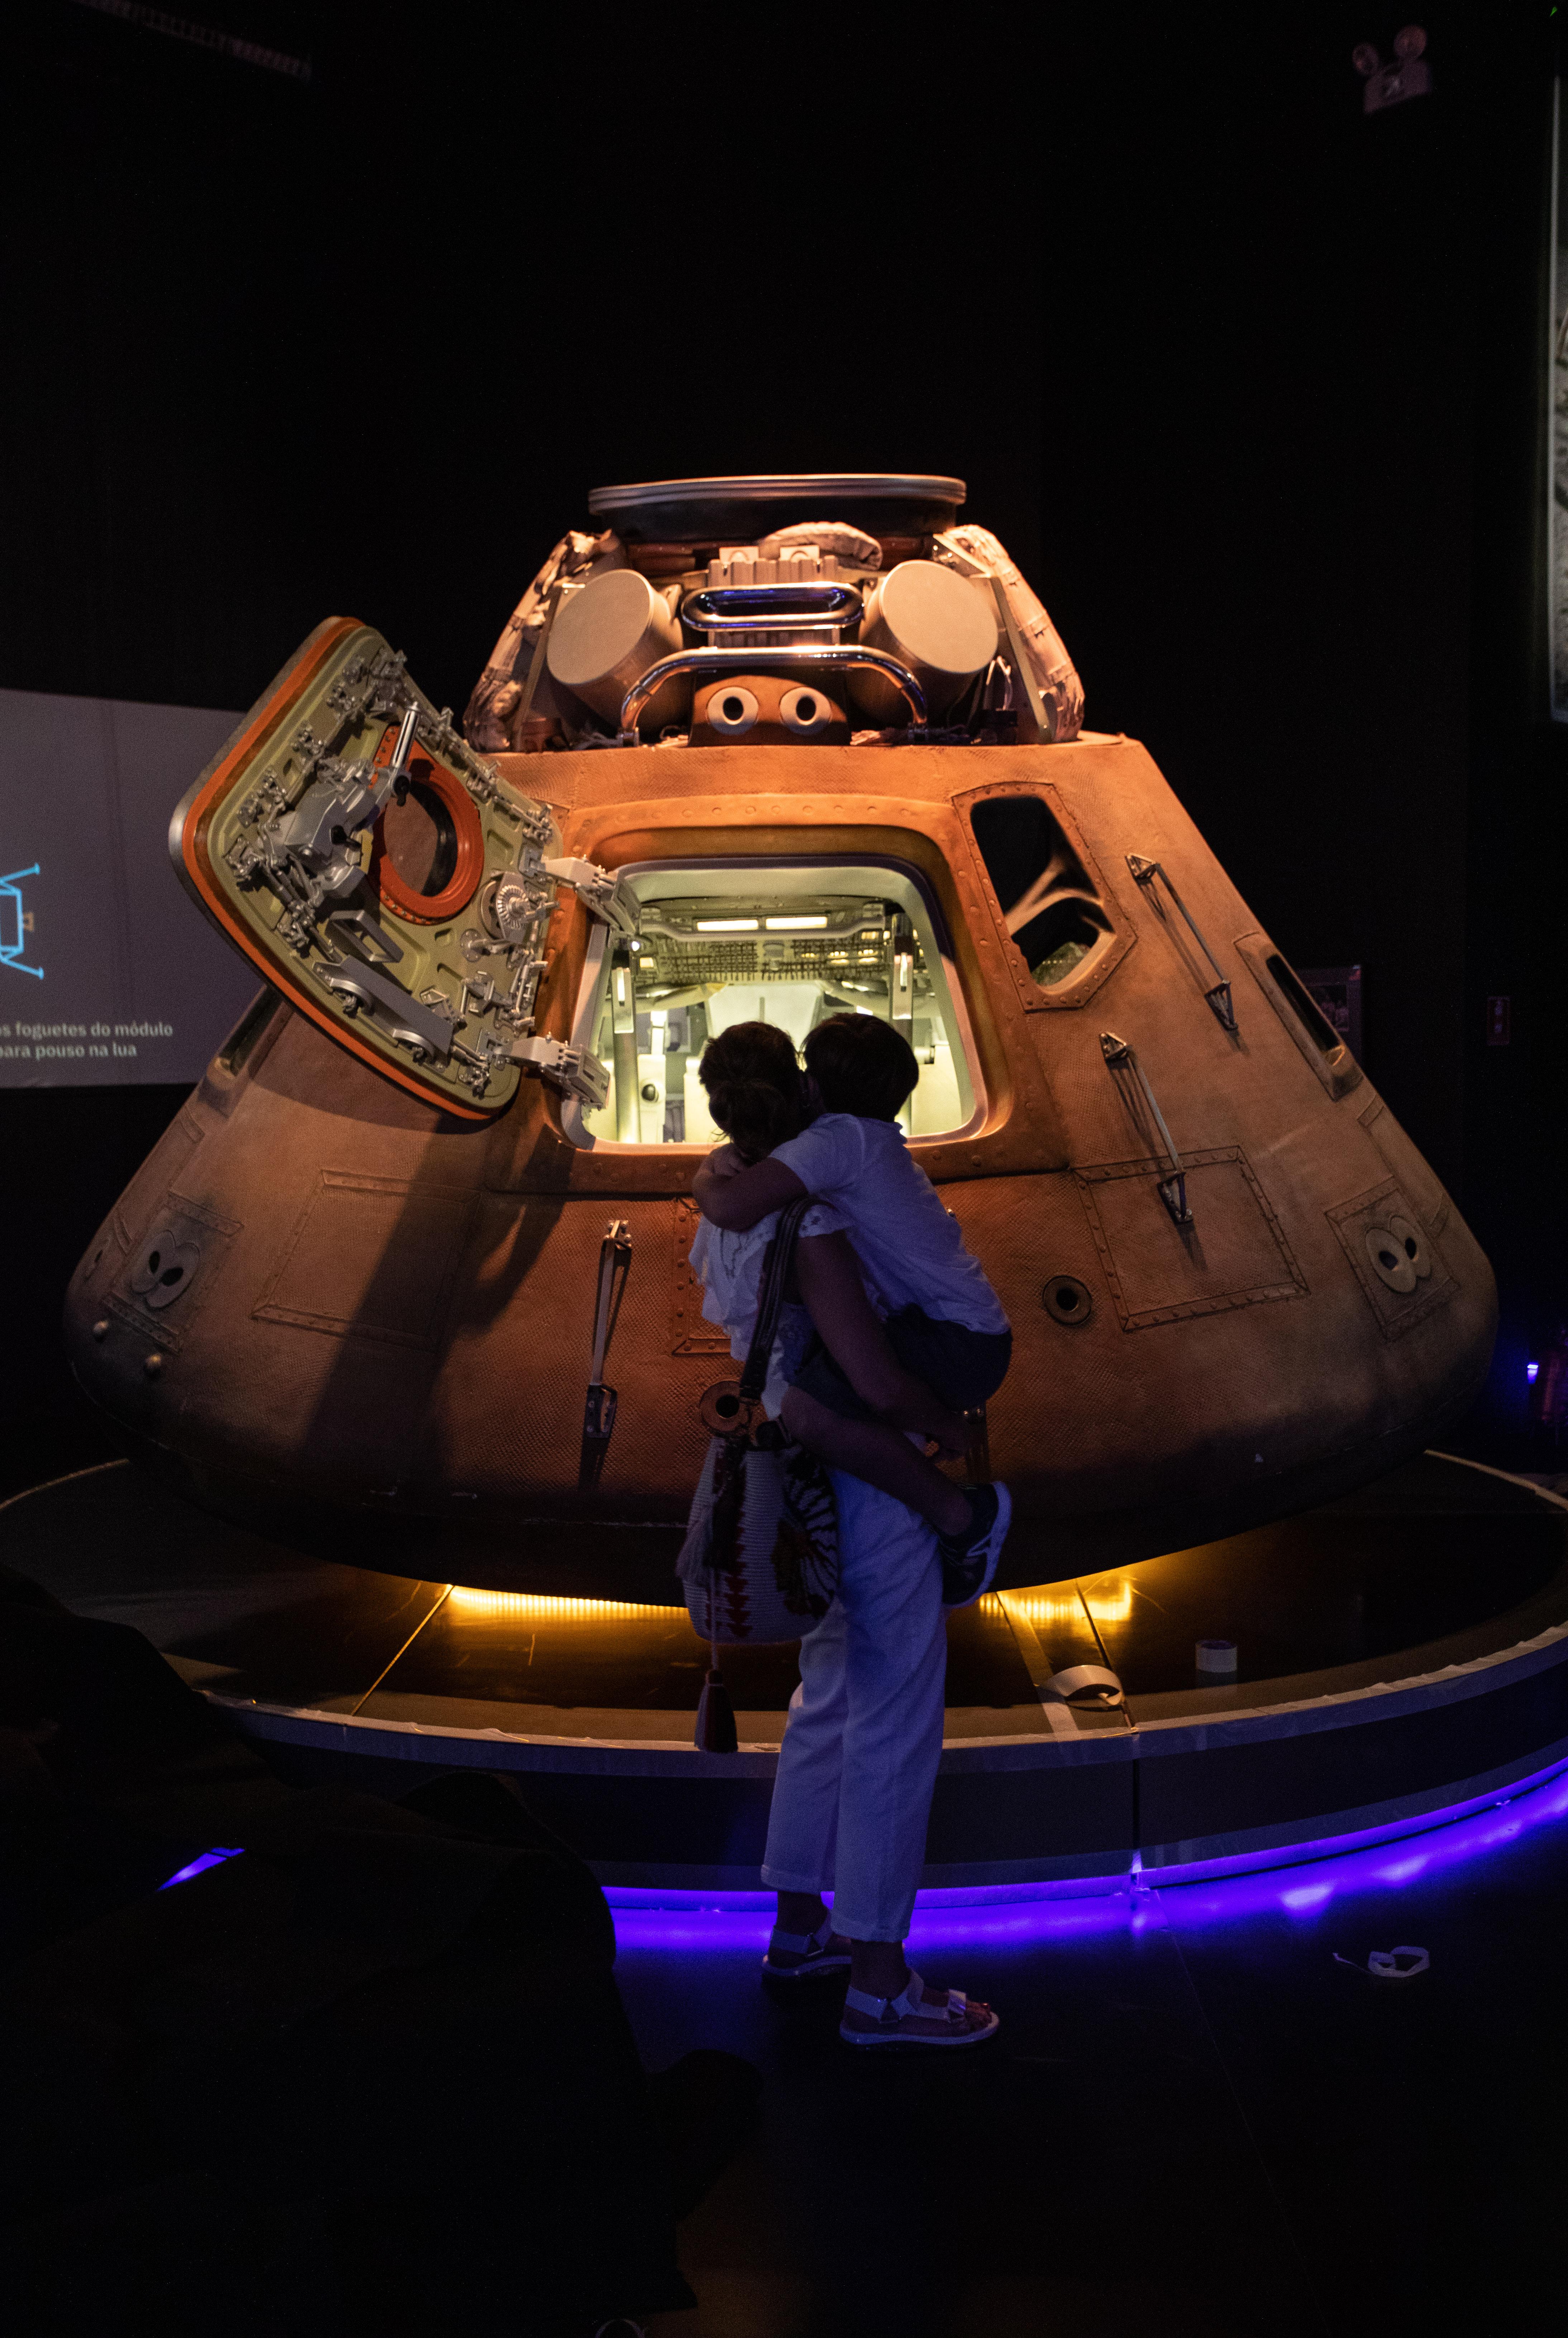 Veículo lunar aparece com a porta aberta.